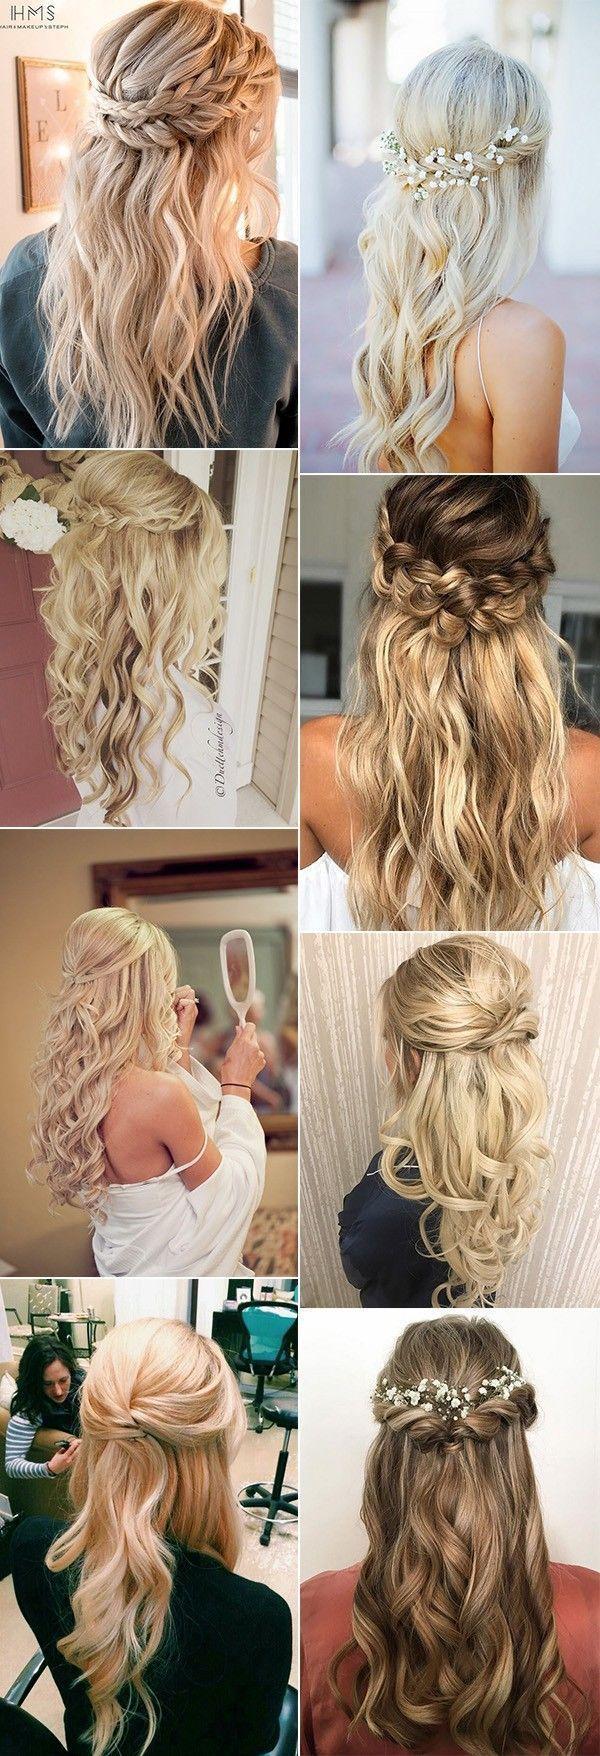 Chic half up half down wedding hairstyle ideas bunhairstyleshalf